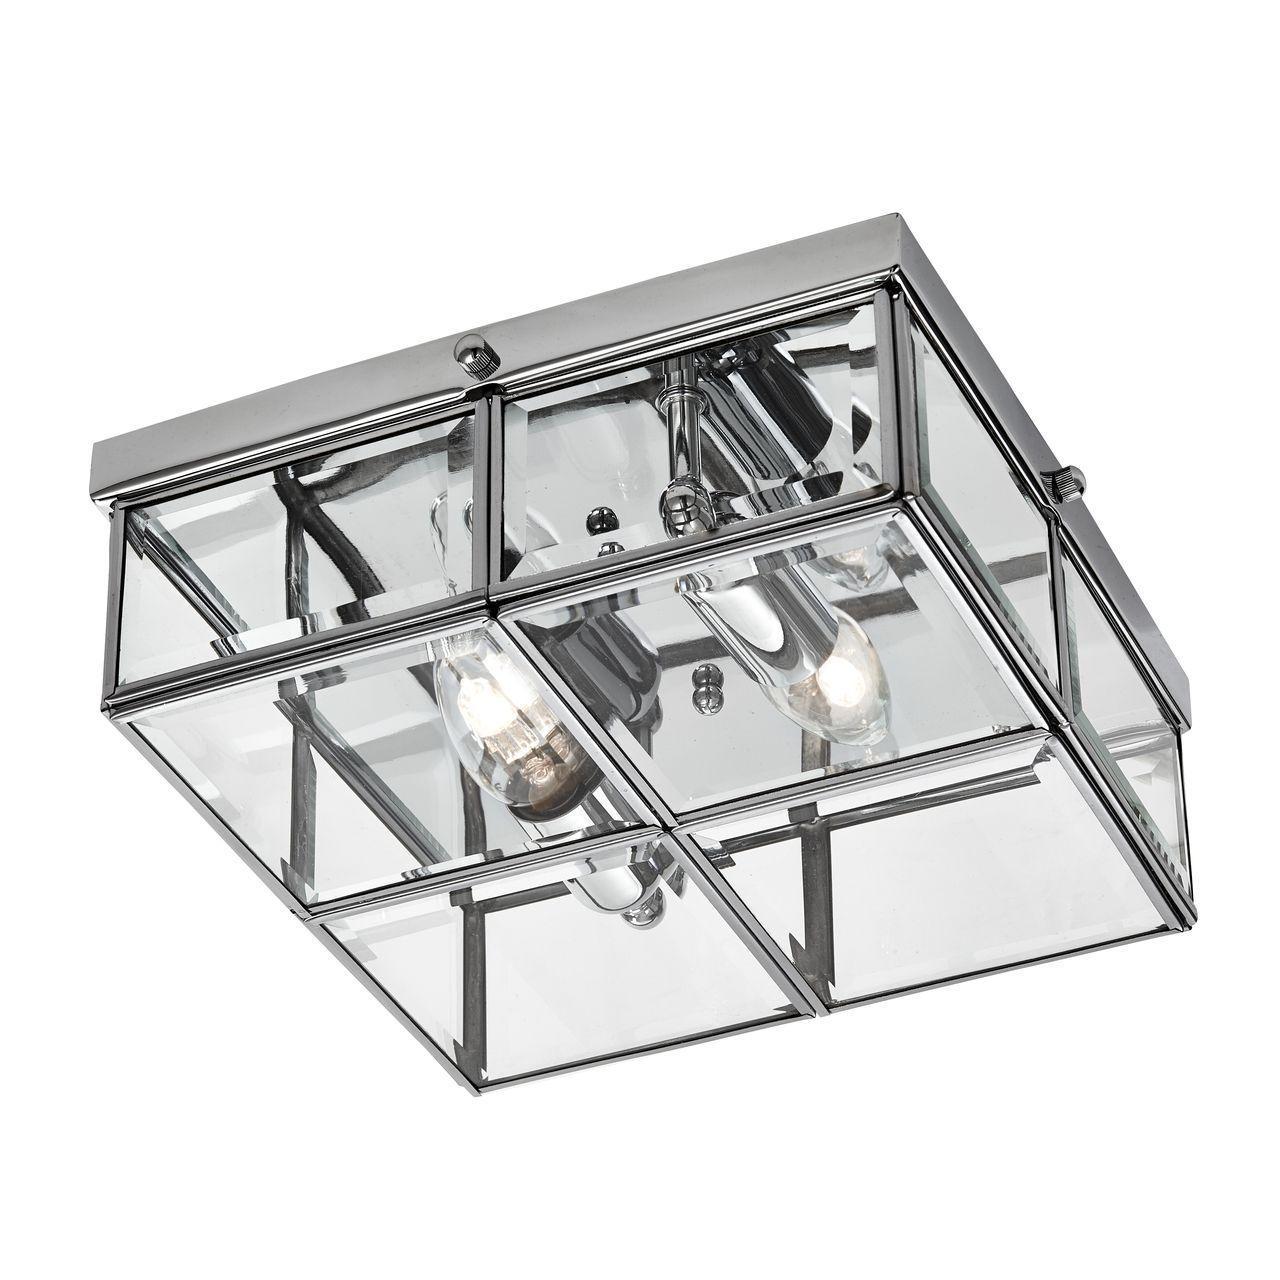 Купить Потолочный светильник Arte Lamp Scacchi a6769pl-2cc, inmyroom, Италия